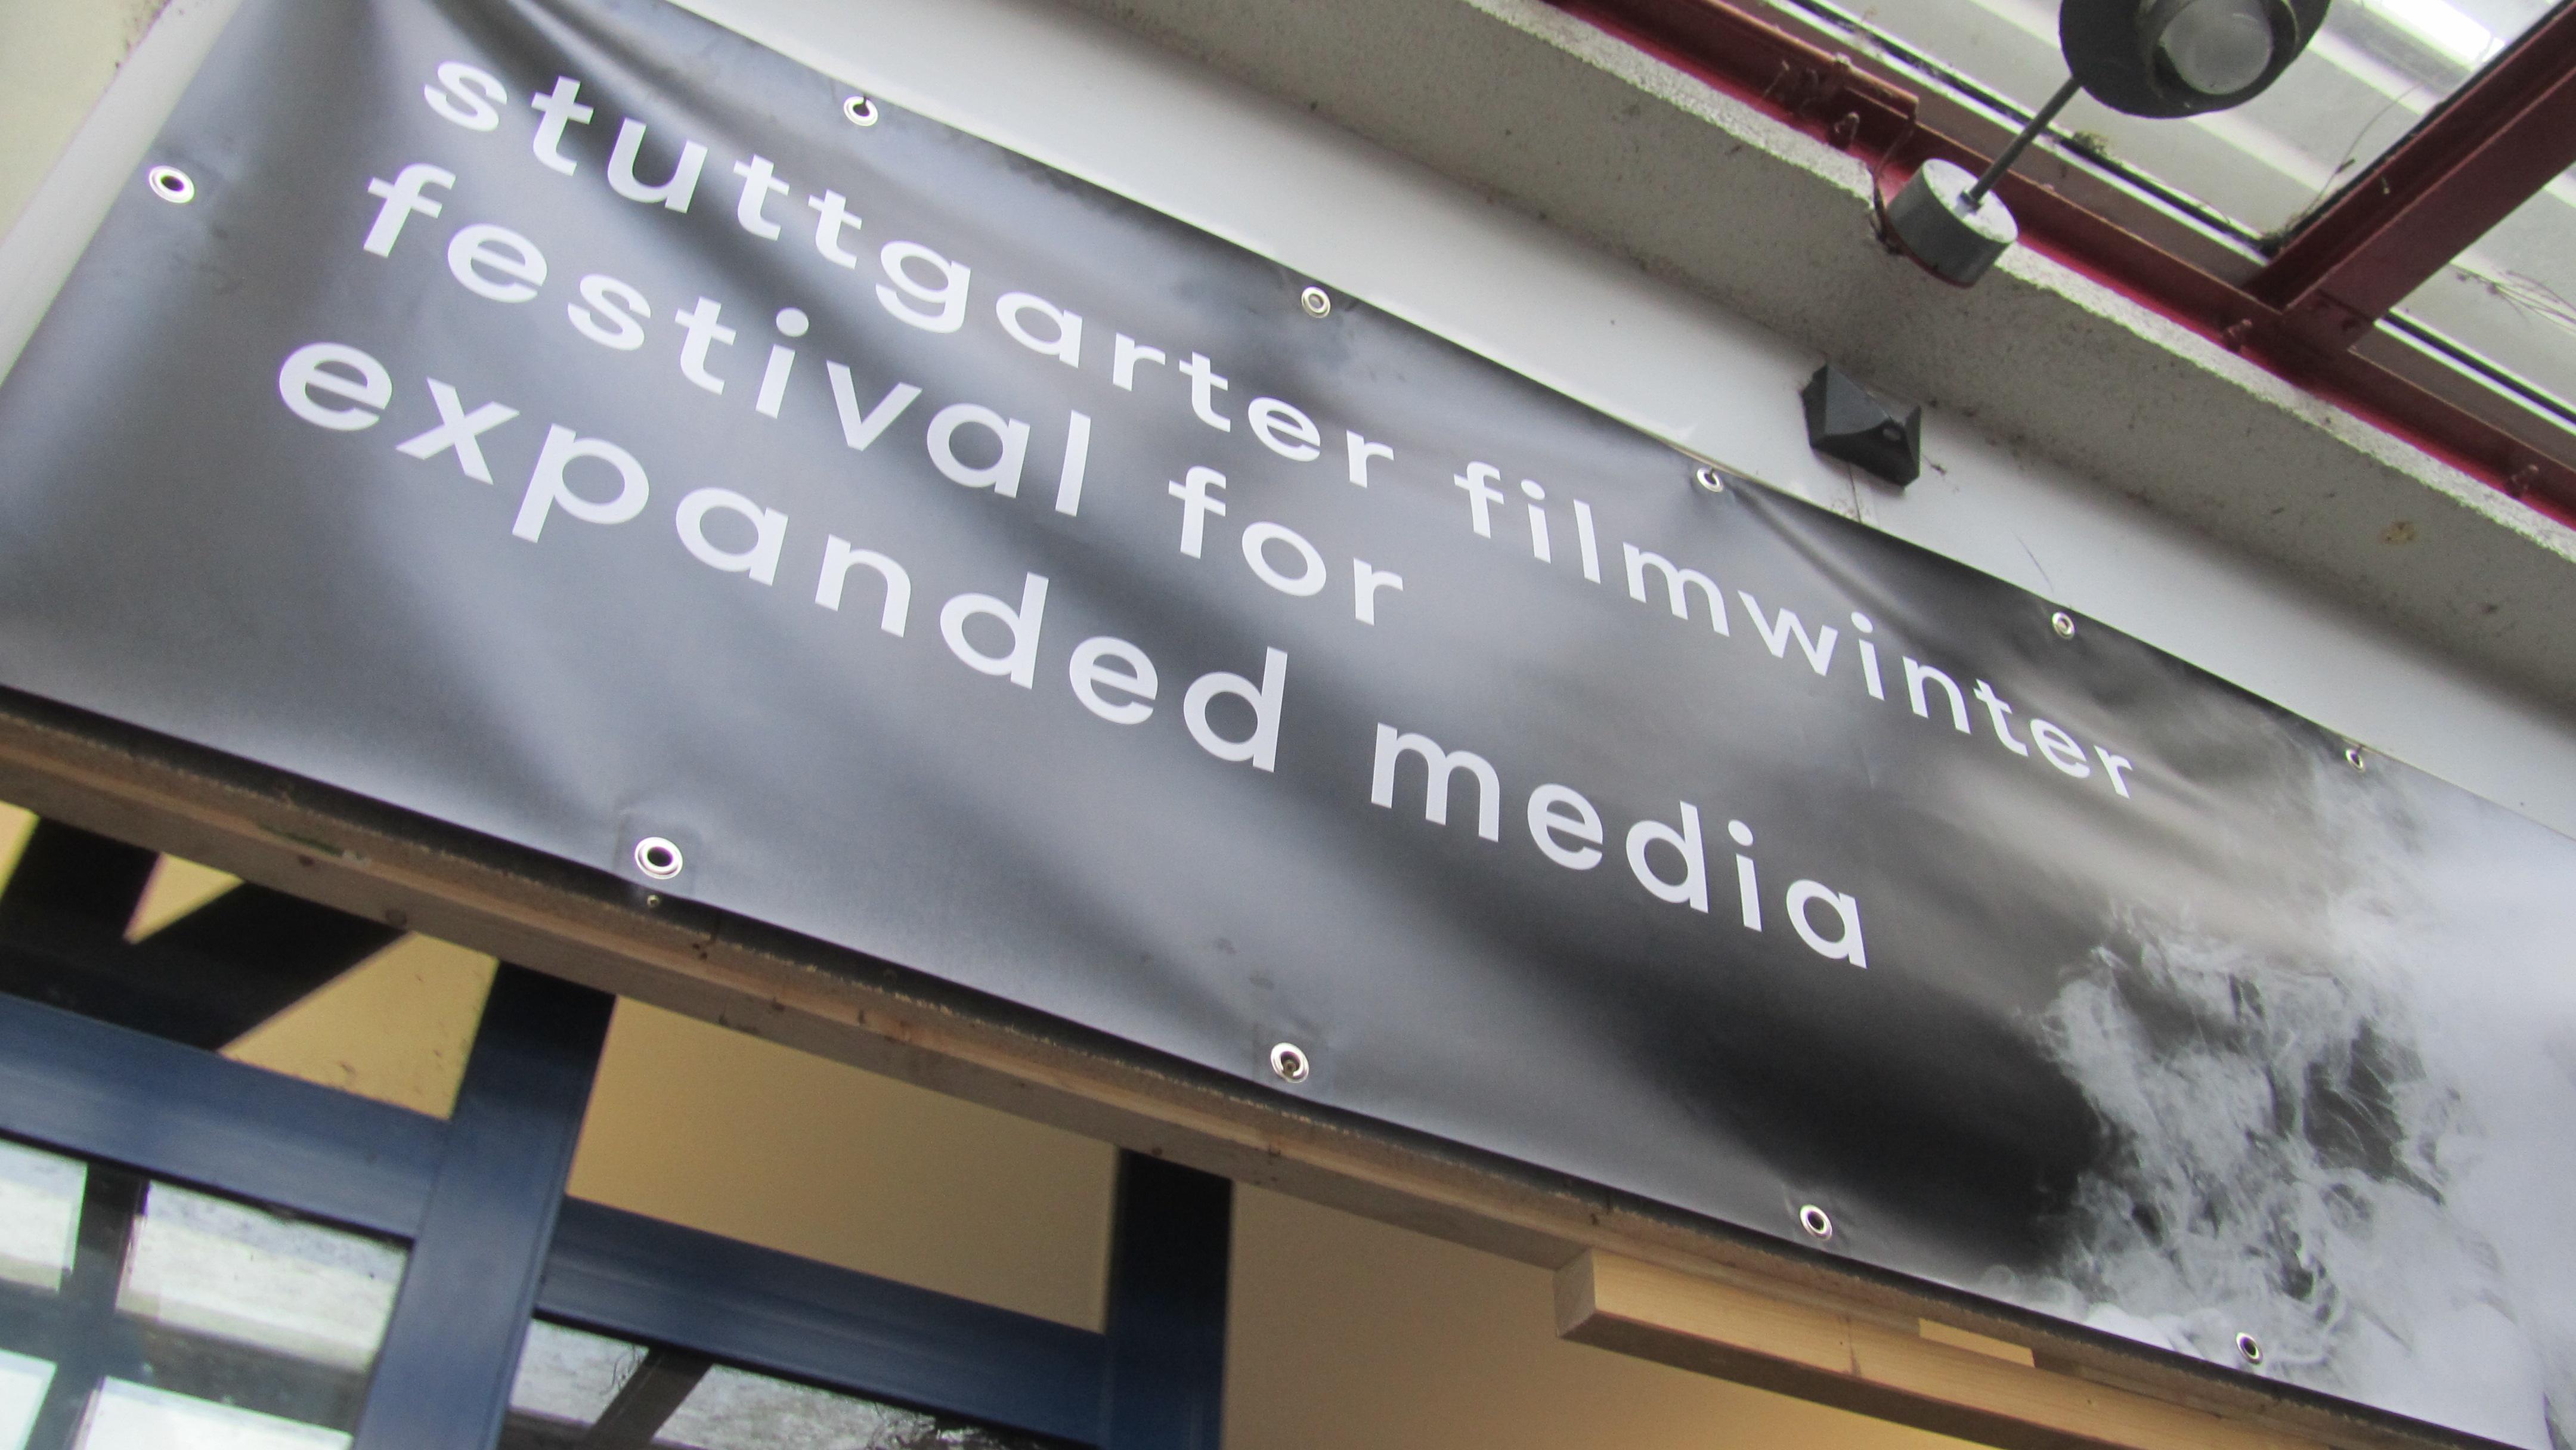 01/16-19/2014, 27th Stuttgarter Filmwinter, Stuttgart/Germany